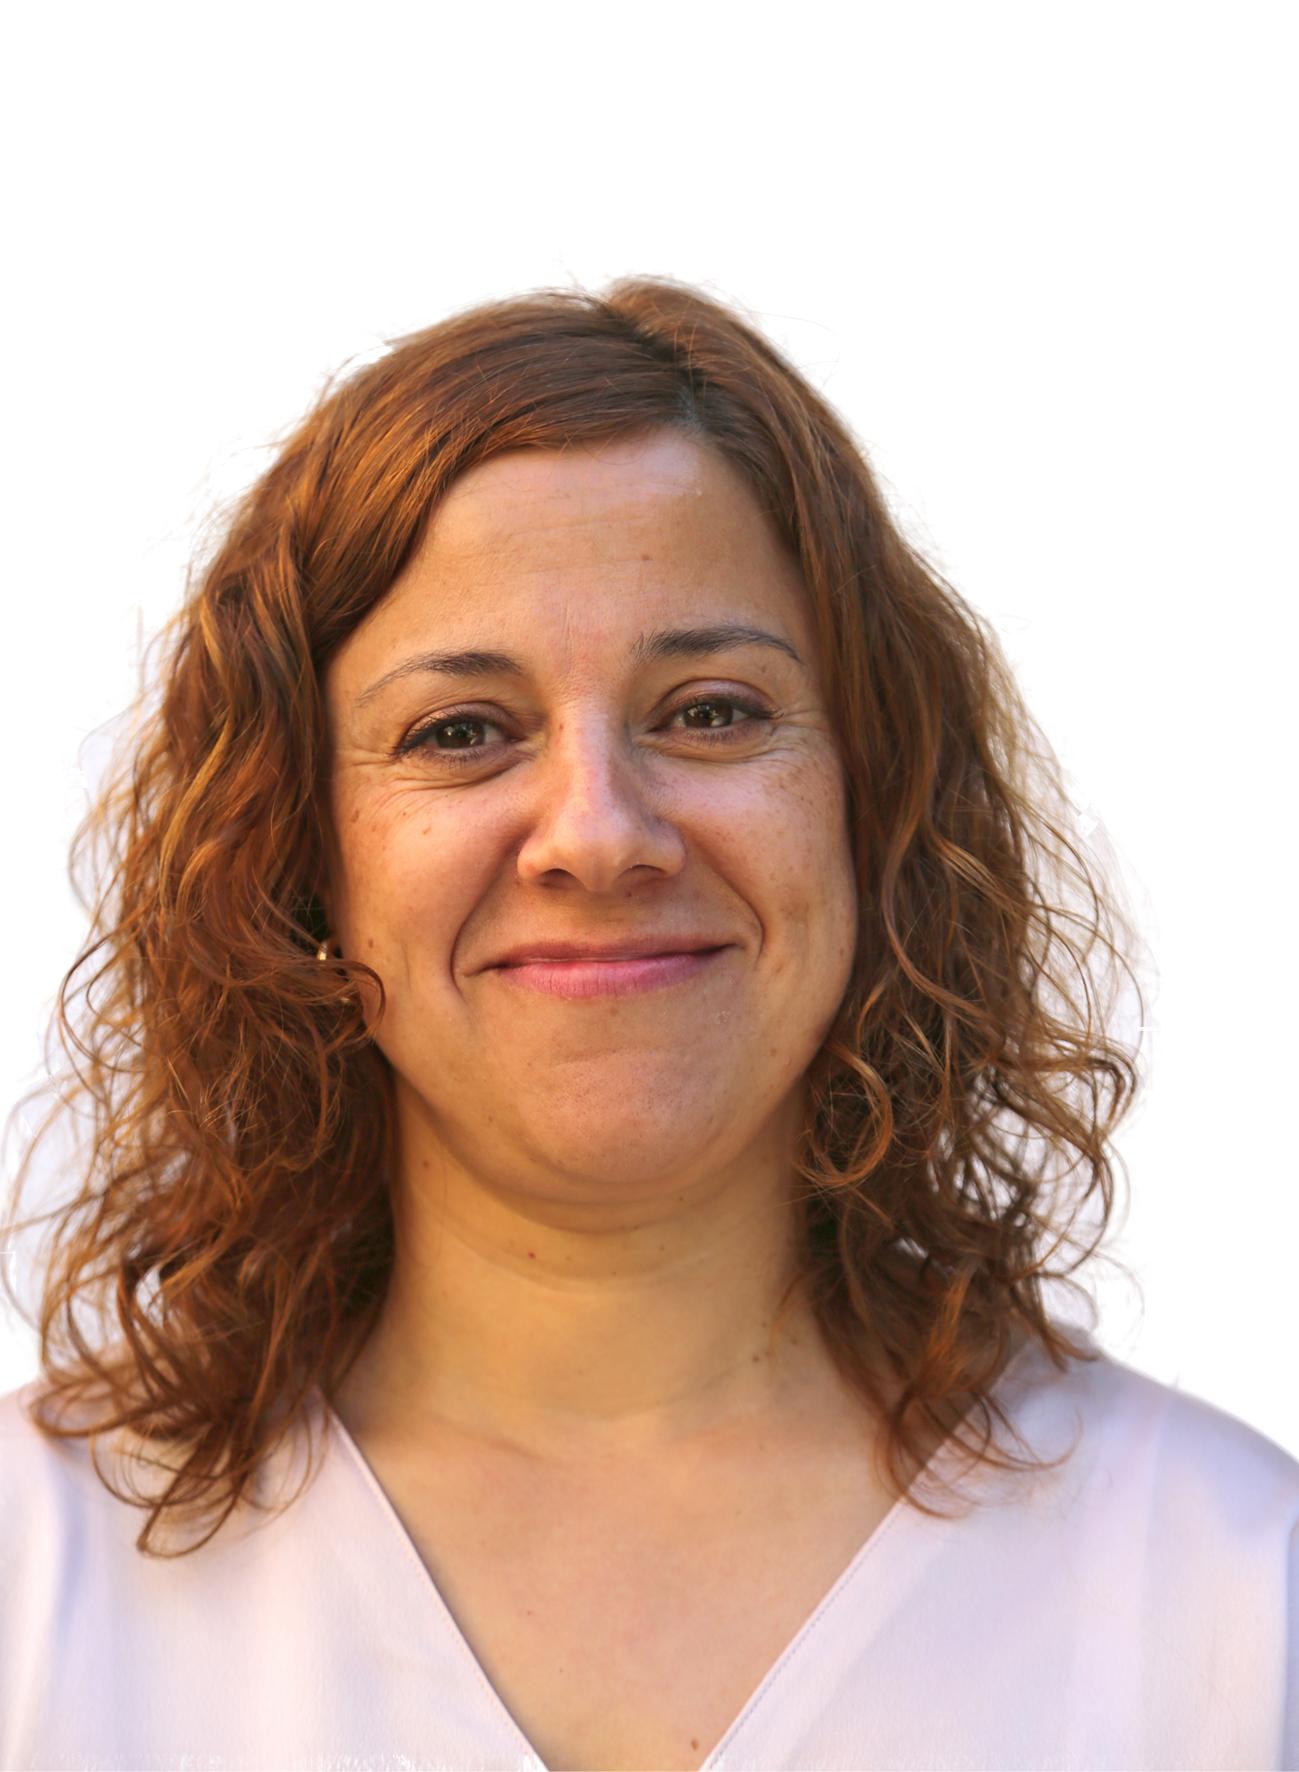 Patricia Valle Corriols - Diputada de Turismo